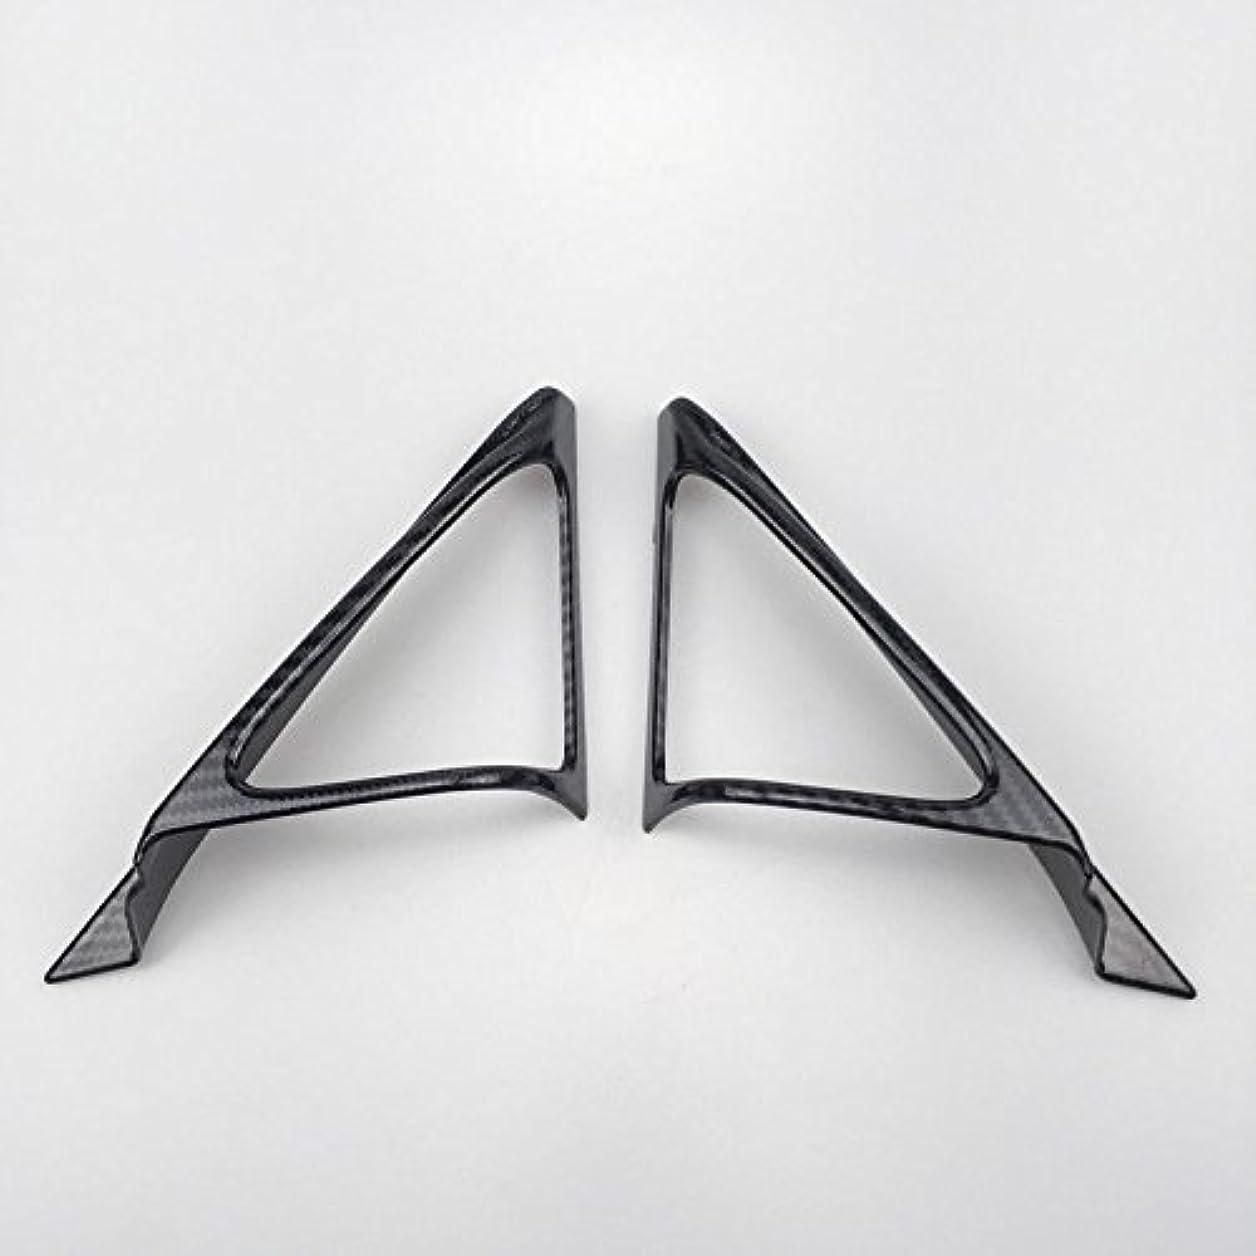 歯車住人賢いJicorzo - 2pcs ABS Plastic A Pillar Triangle Cover Trim For Honda Accord Tenth generation 2018 Car Interior Accessories Styling